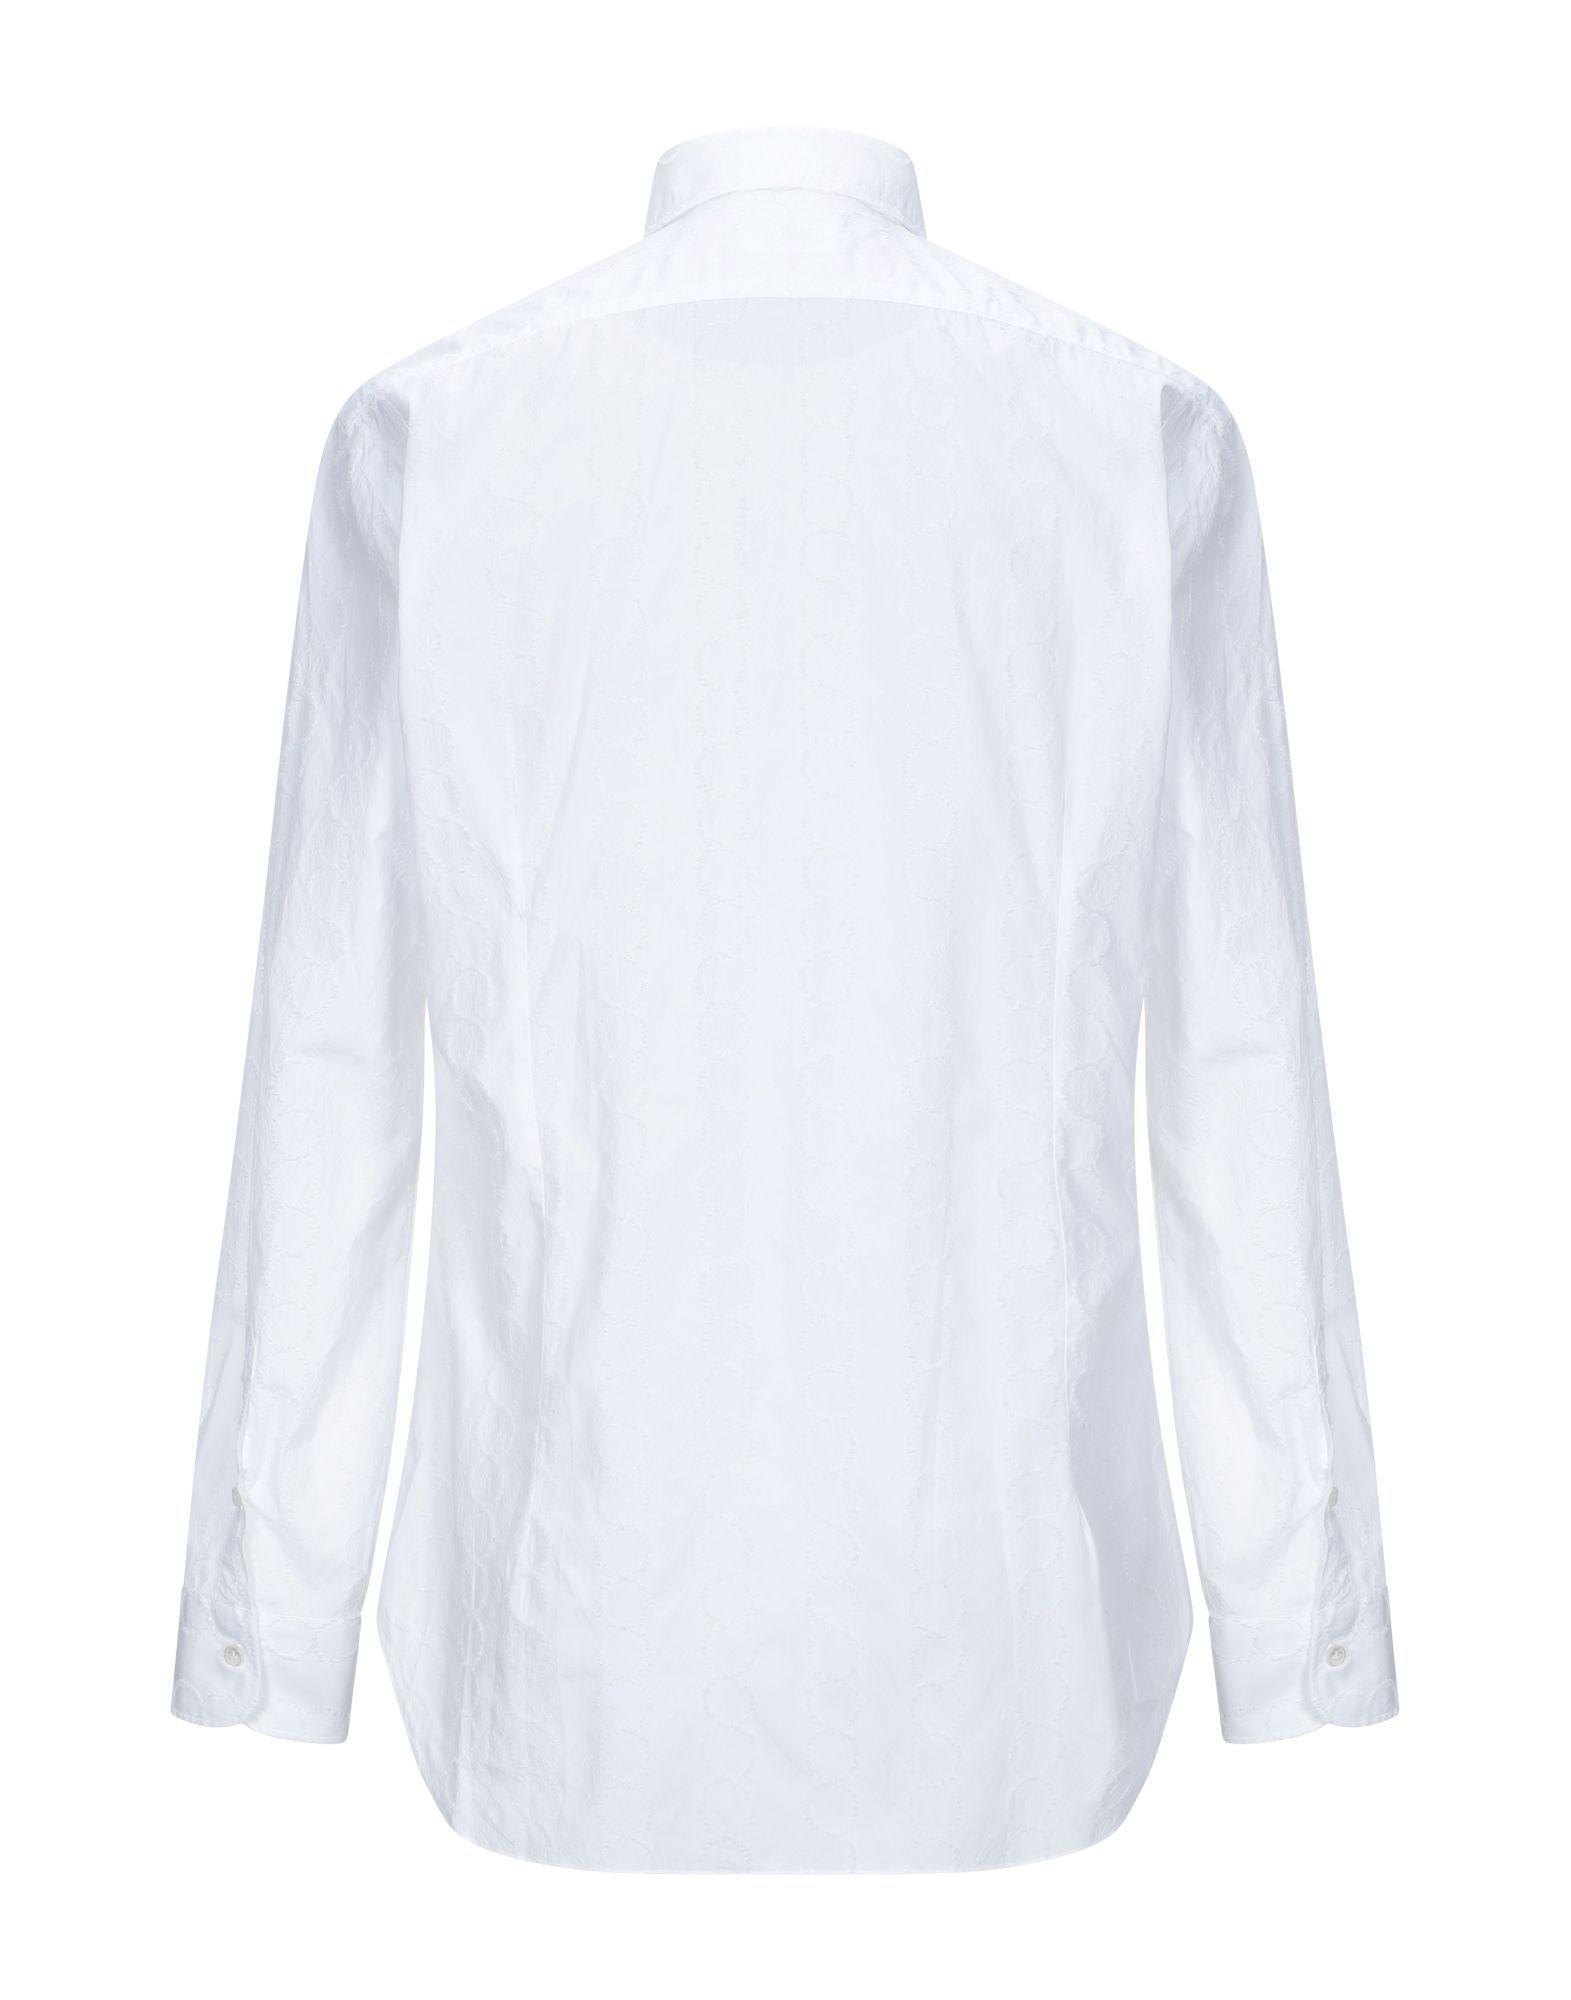 SHIRTS Barba Napoli White Man Cotton